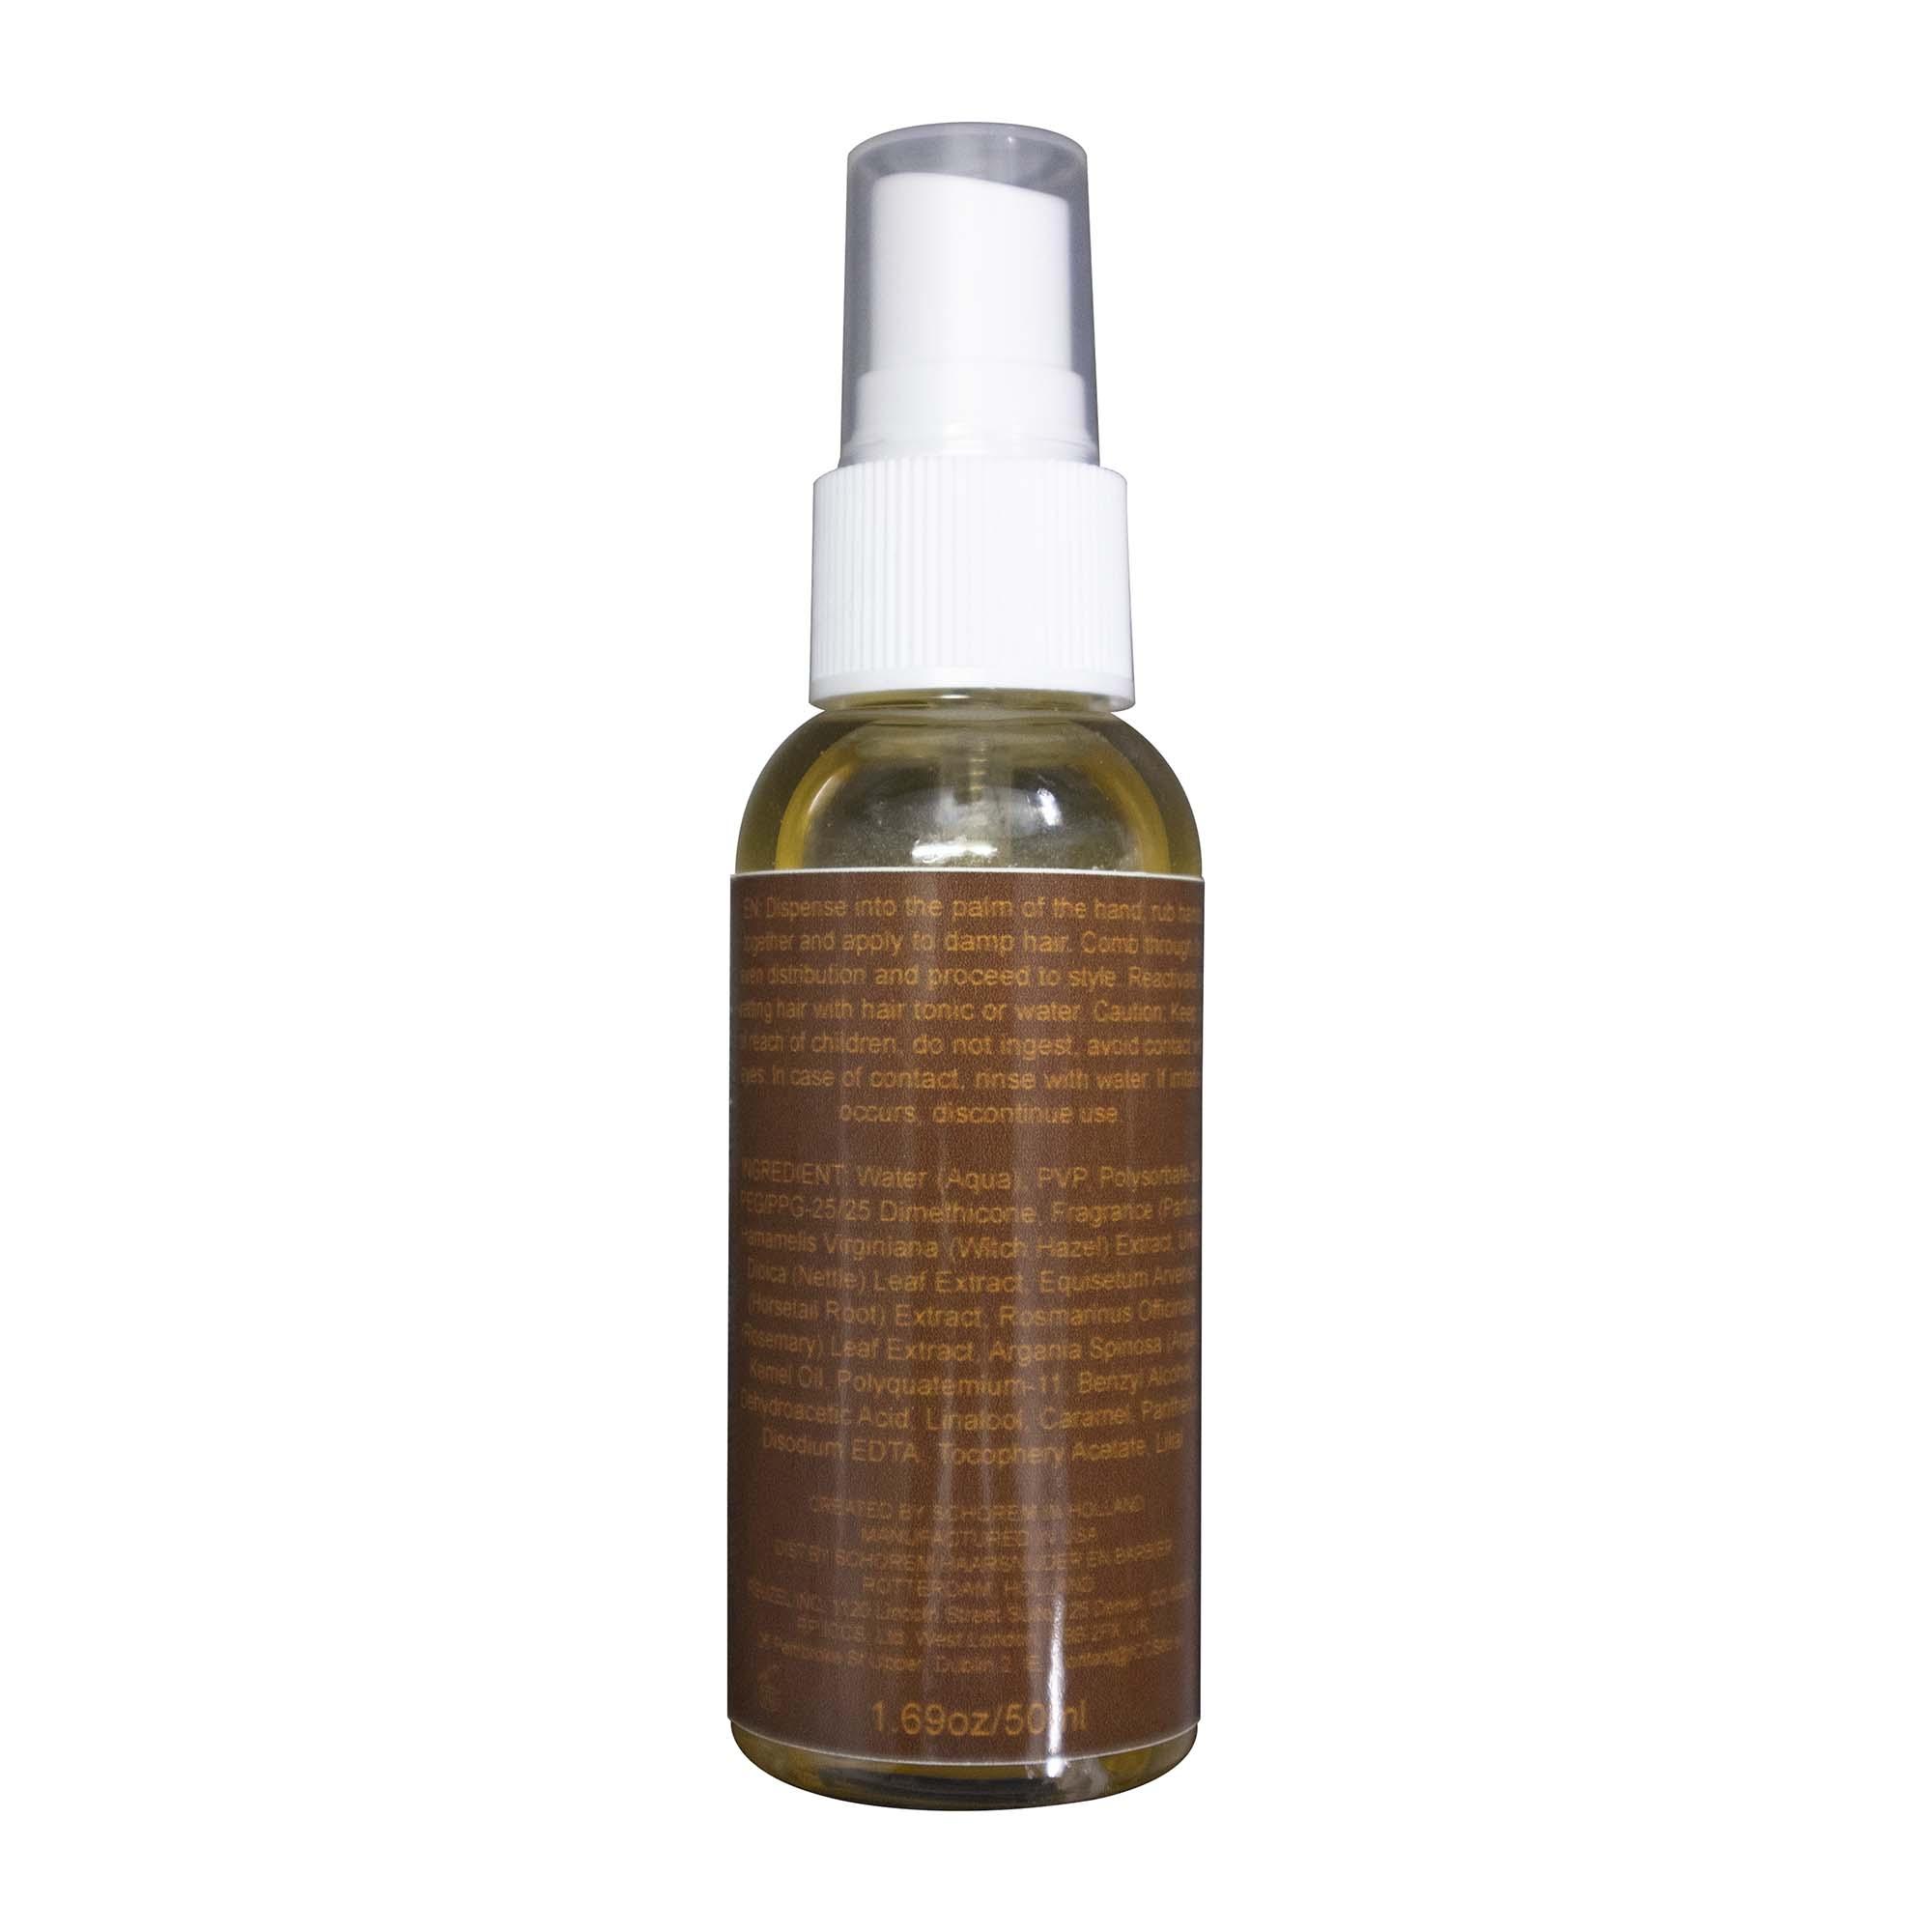 reuzel-grooming-tonic-50ml-02